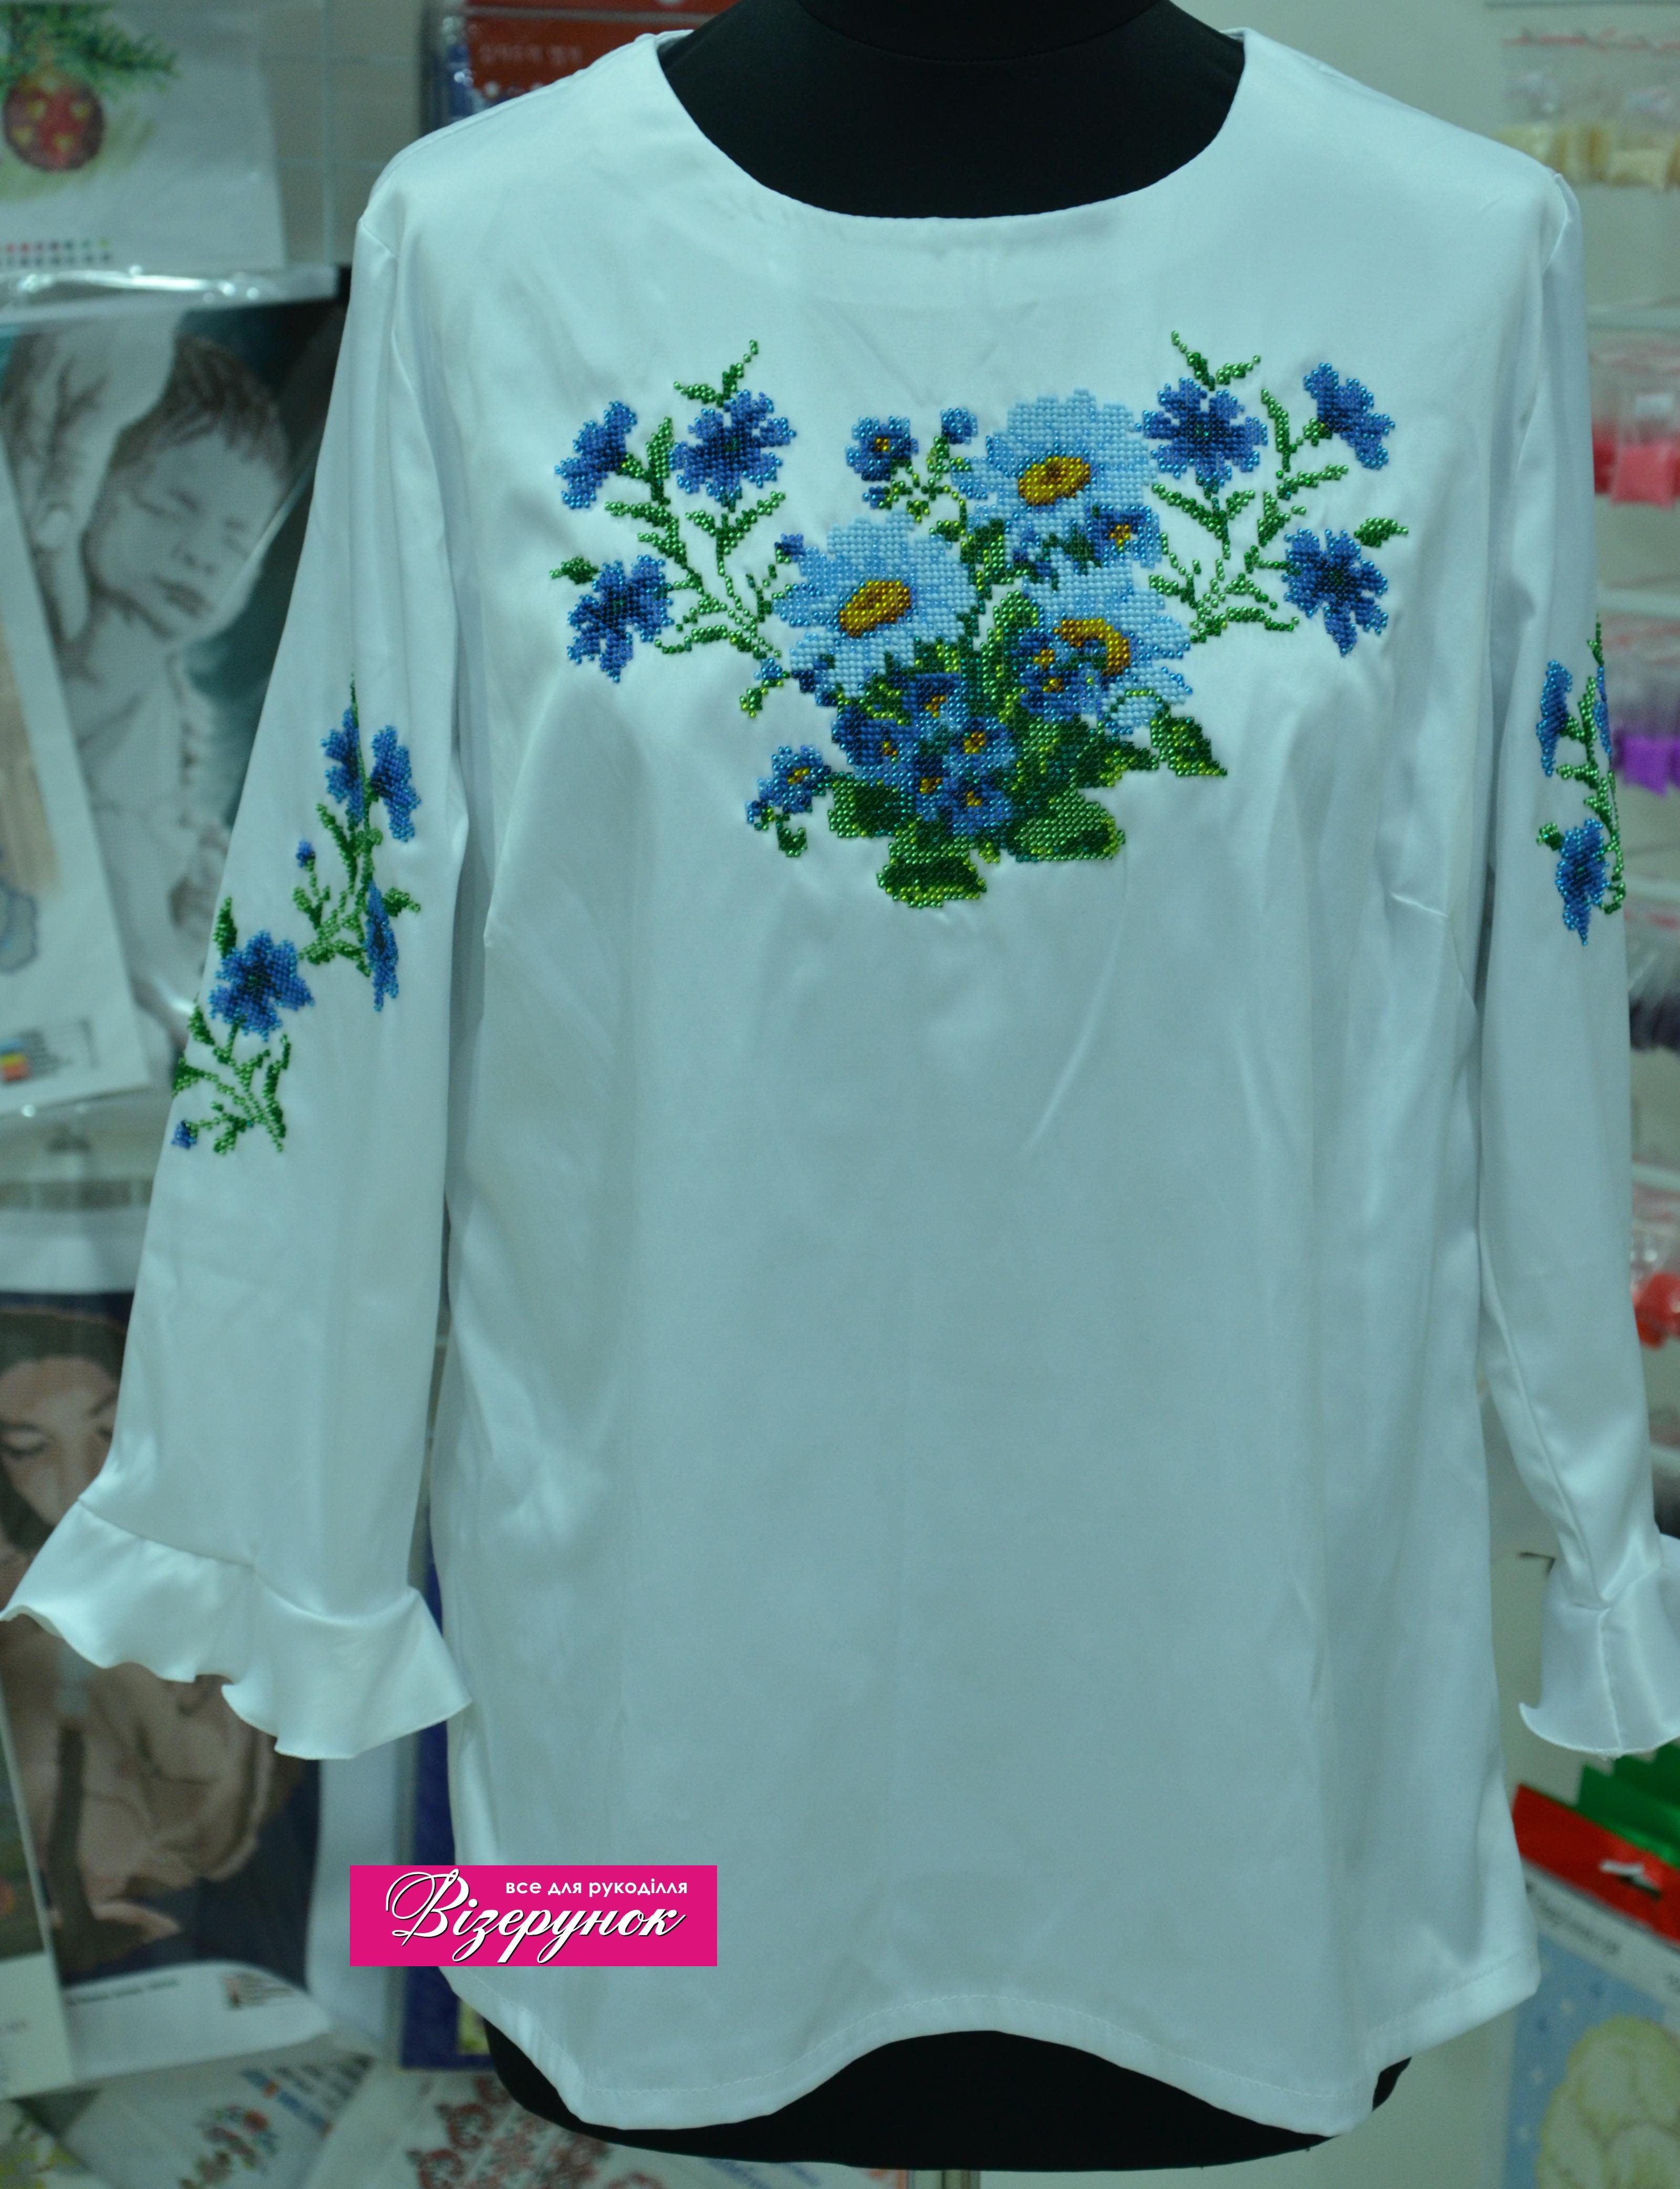 Вишита сорочка бісером БЖ-019 - Товари - Схеми для вишивки бісером ... b842929eebe22